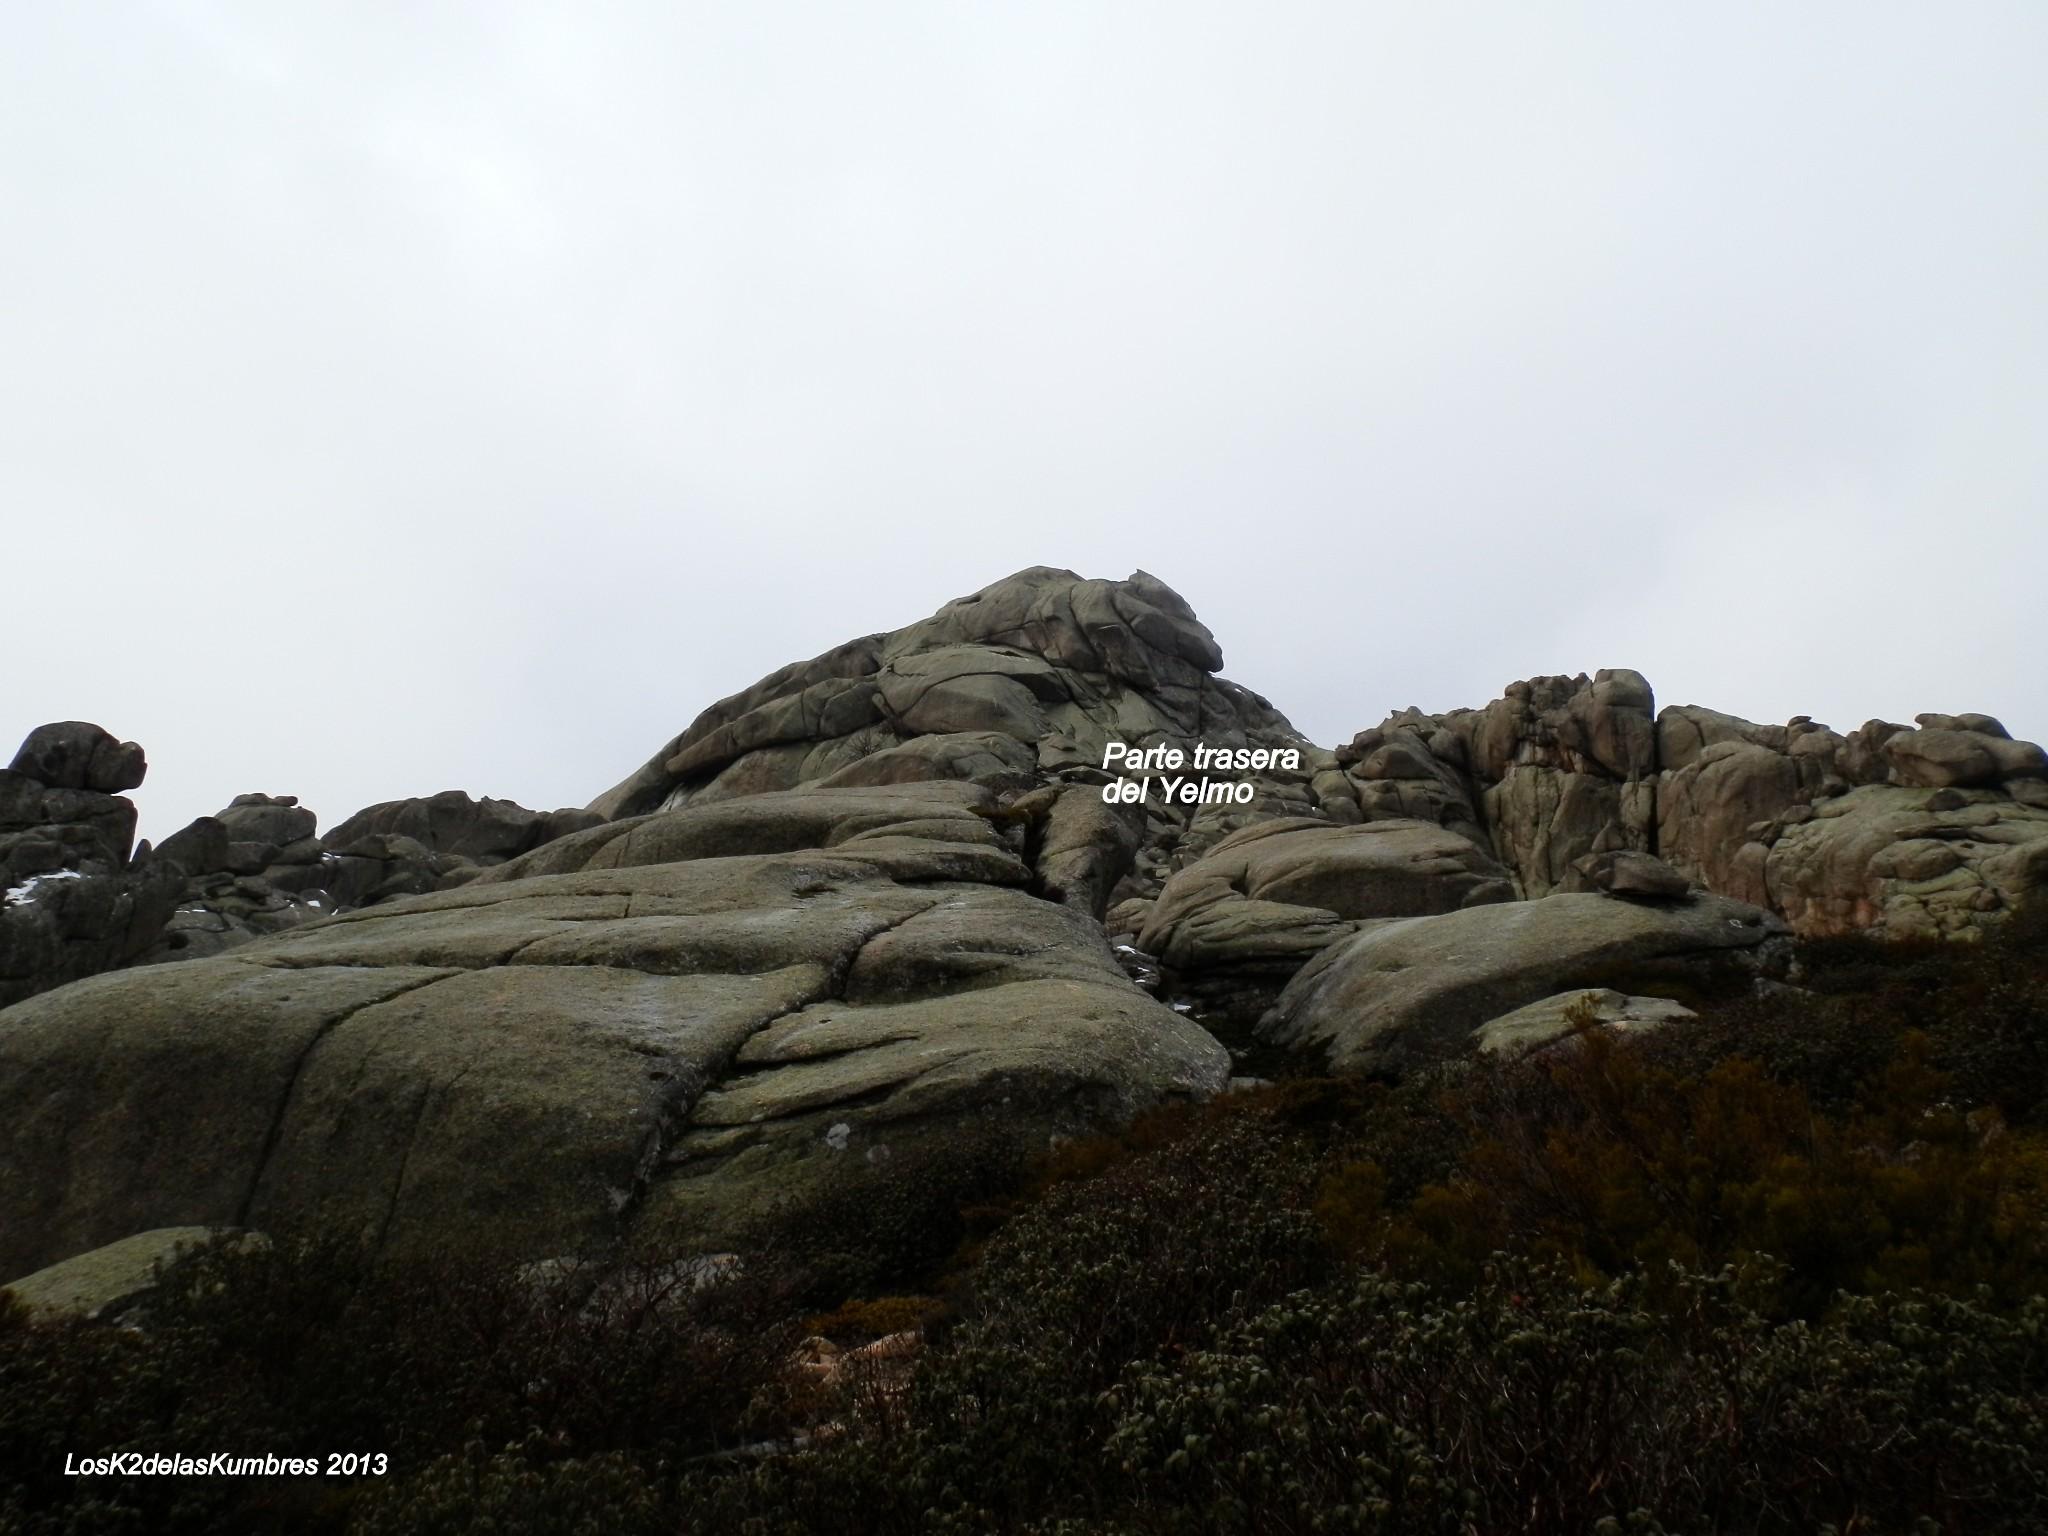 Cara Norte del Yelmo, subida al geodesico, la pedriza